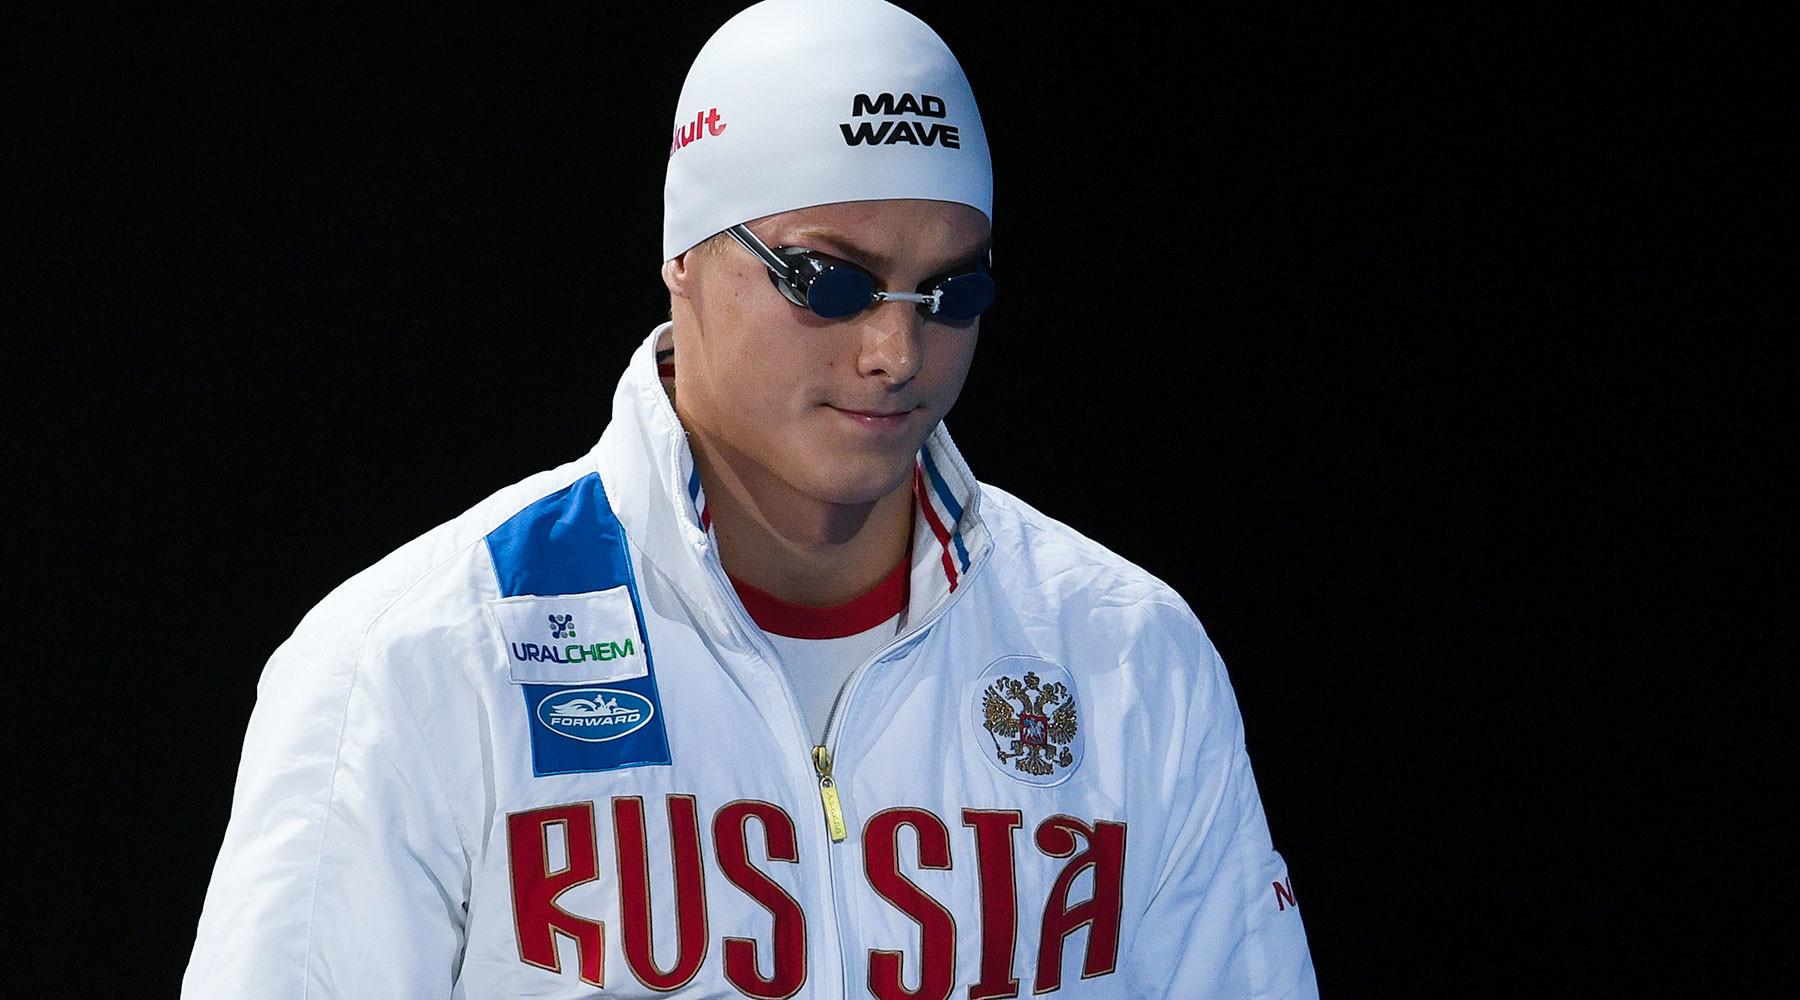 россияне остались без медалей на чемпионате мира по водным видам спорта»